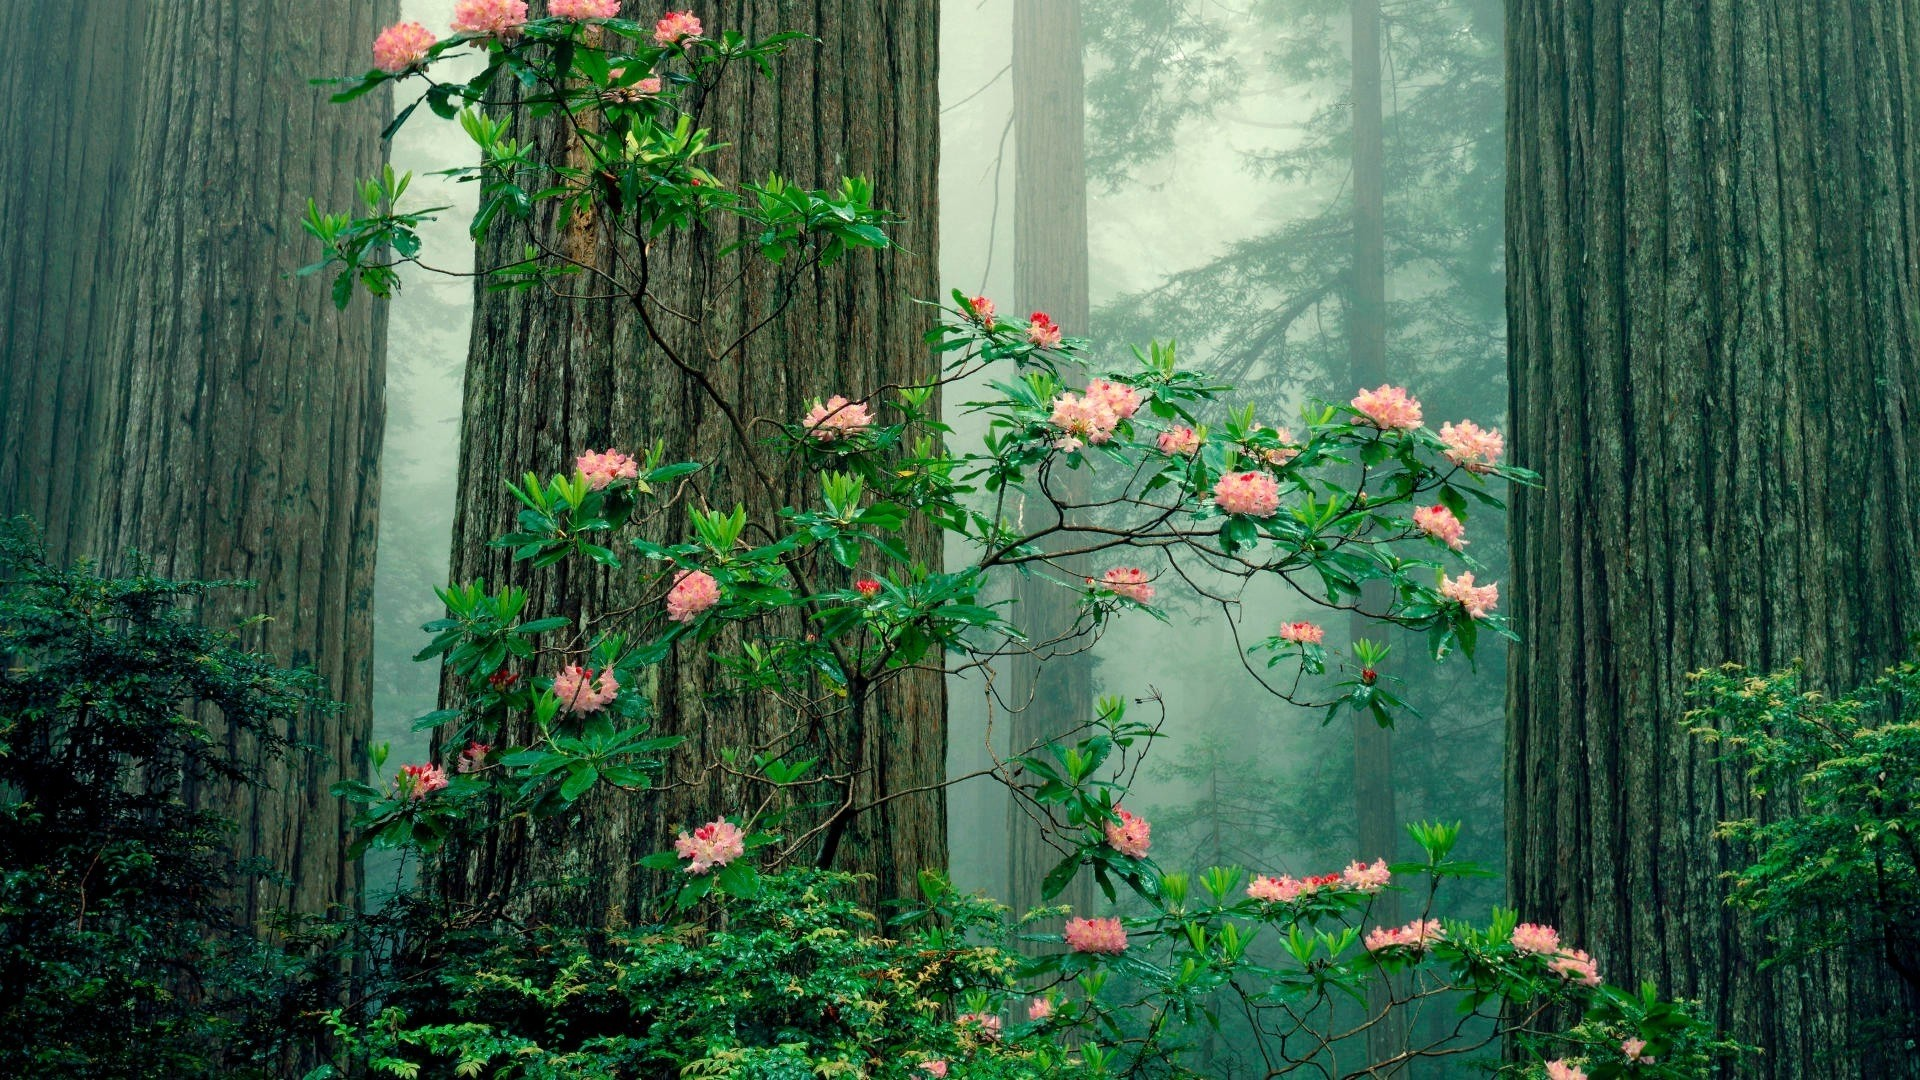 Aesthetic Flower Wallpaper for pc